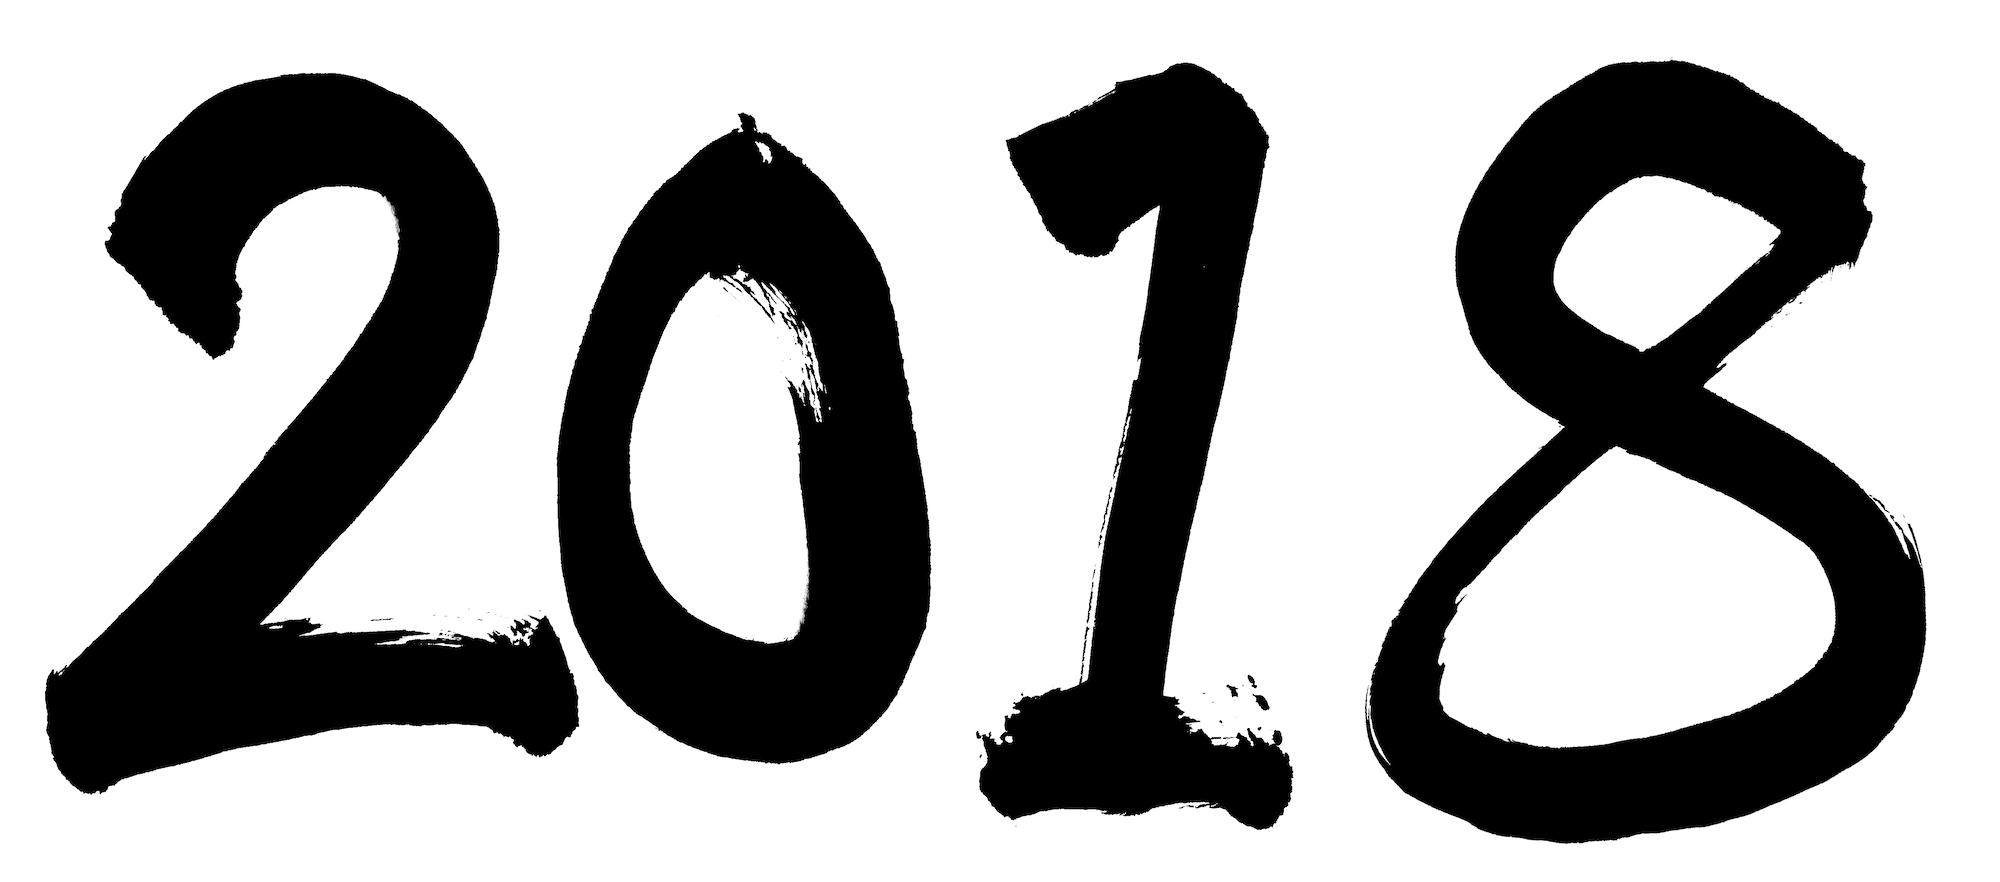 2018年手書き墨文字イラスト年賀状素材 | 無料イラスト配布サイト